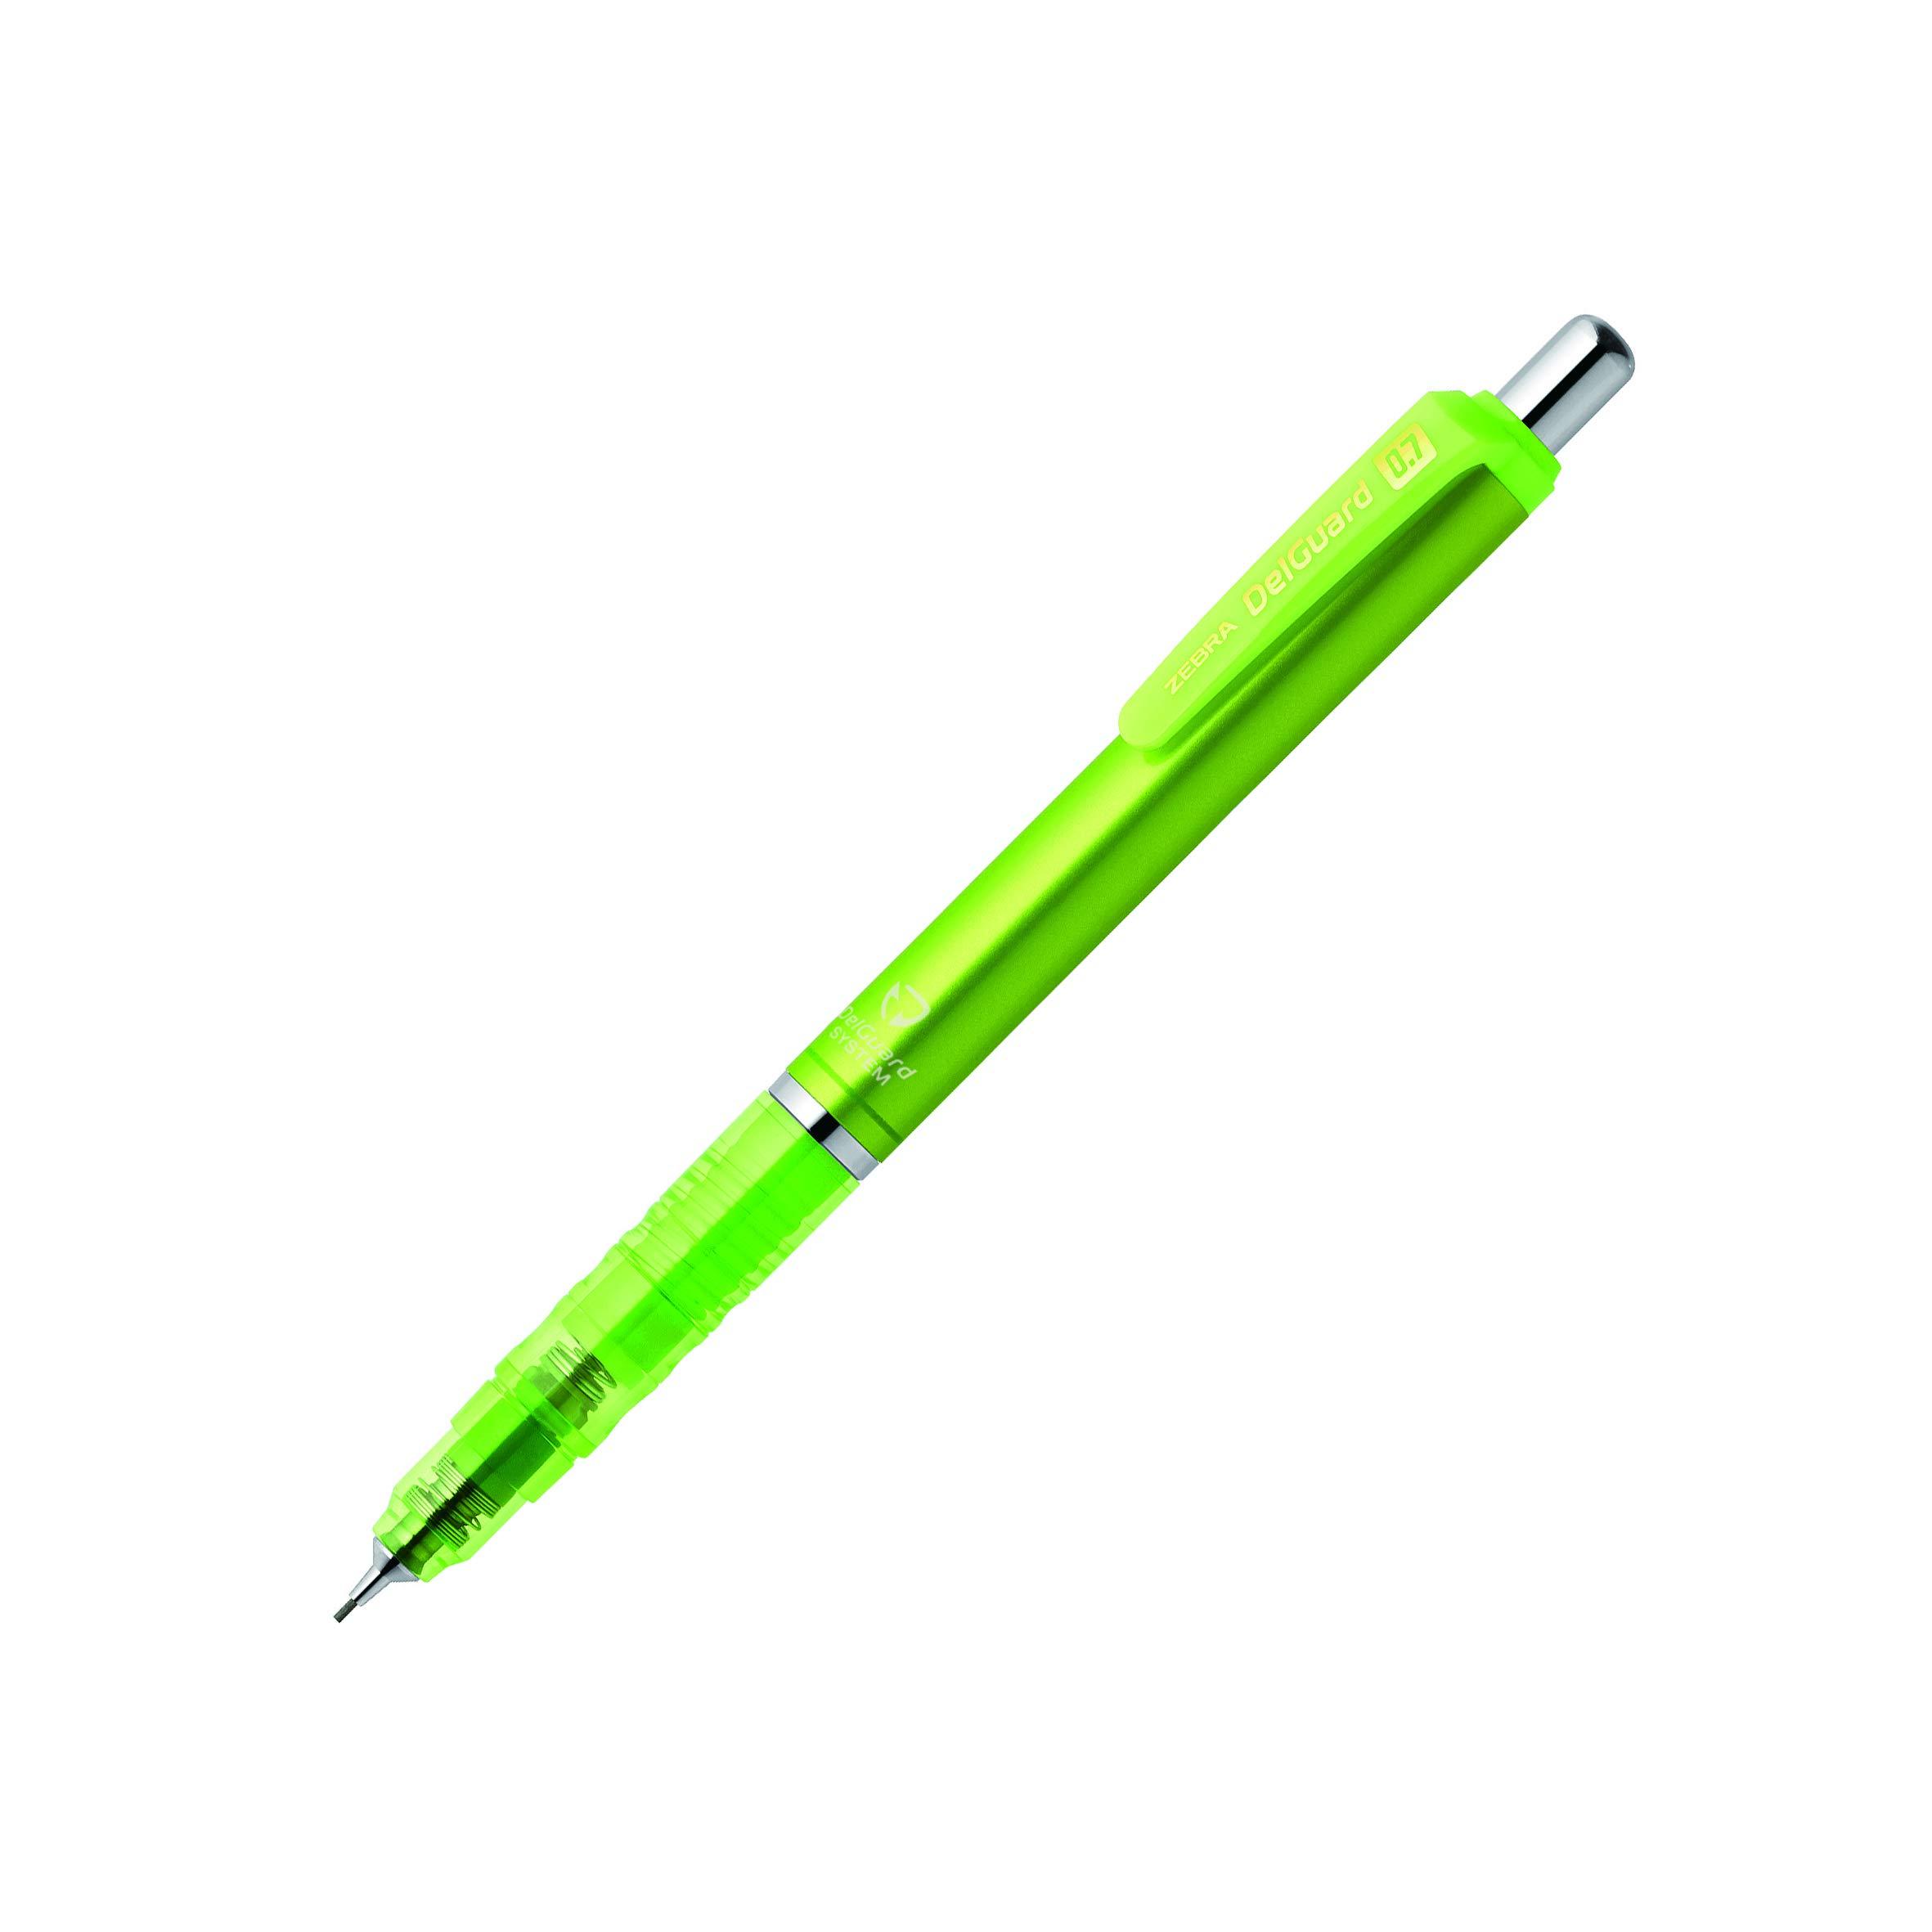 1 Lápiz Mecánico de 0.7mm Color Verde Brillante Marca Zebra